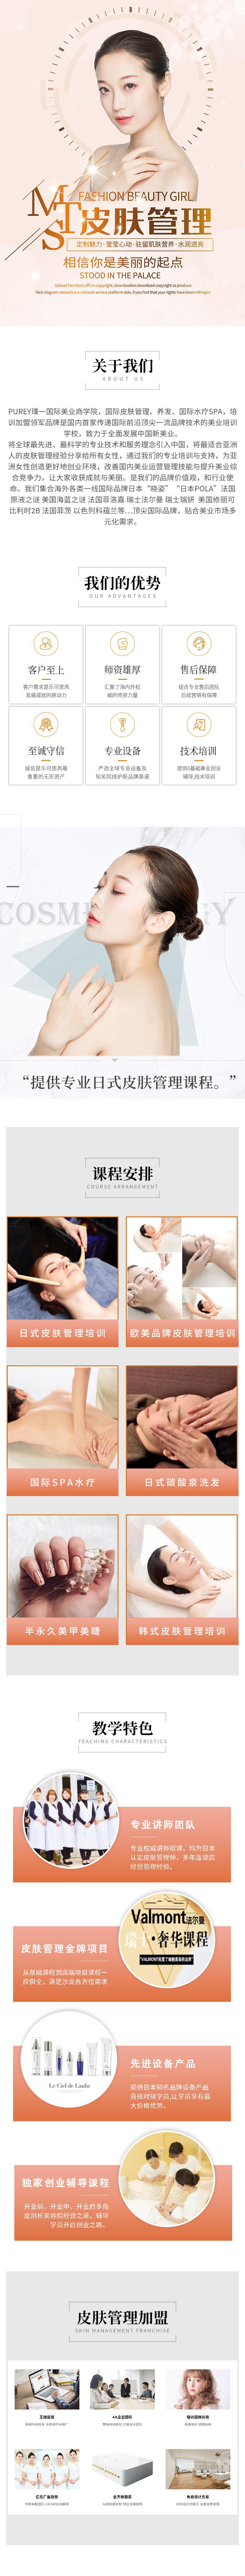 北京日式碳酸泉头皮护理新人培训流程-【璞一美肌研修学校】